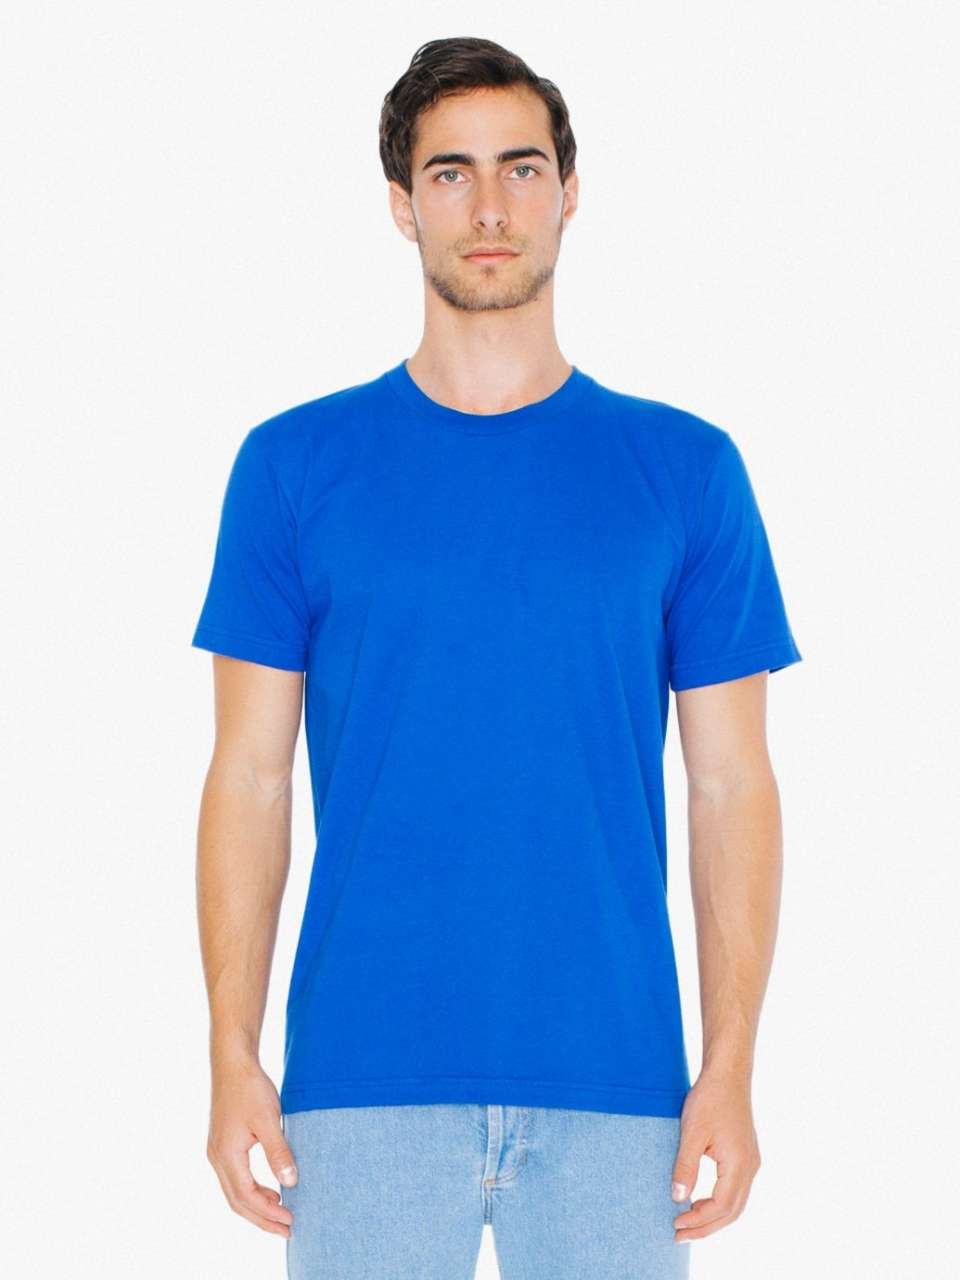 Levně American Apparel Unisex bavlněné tričko FINE JERSEY Barva: Lapis, Velikost: L